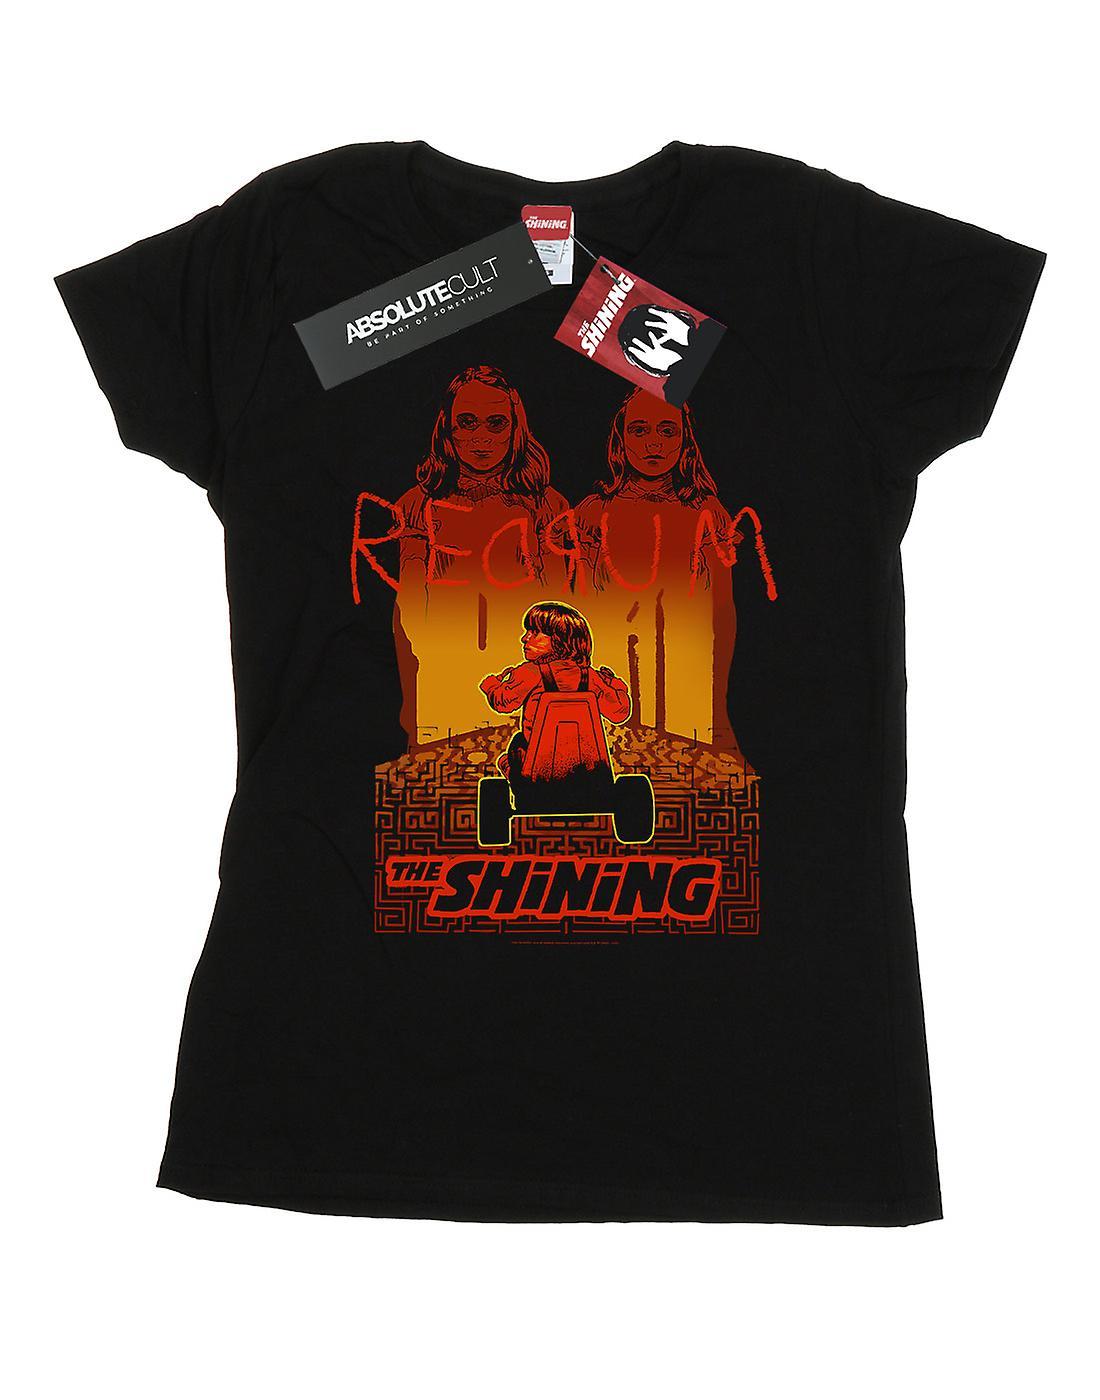 The Shining Women's Redrum Twins T-Shirt